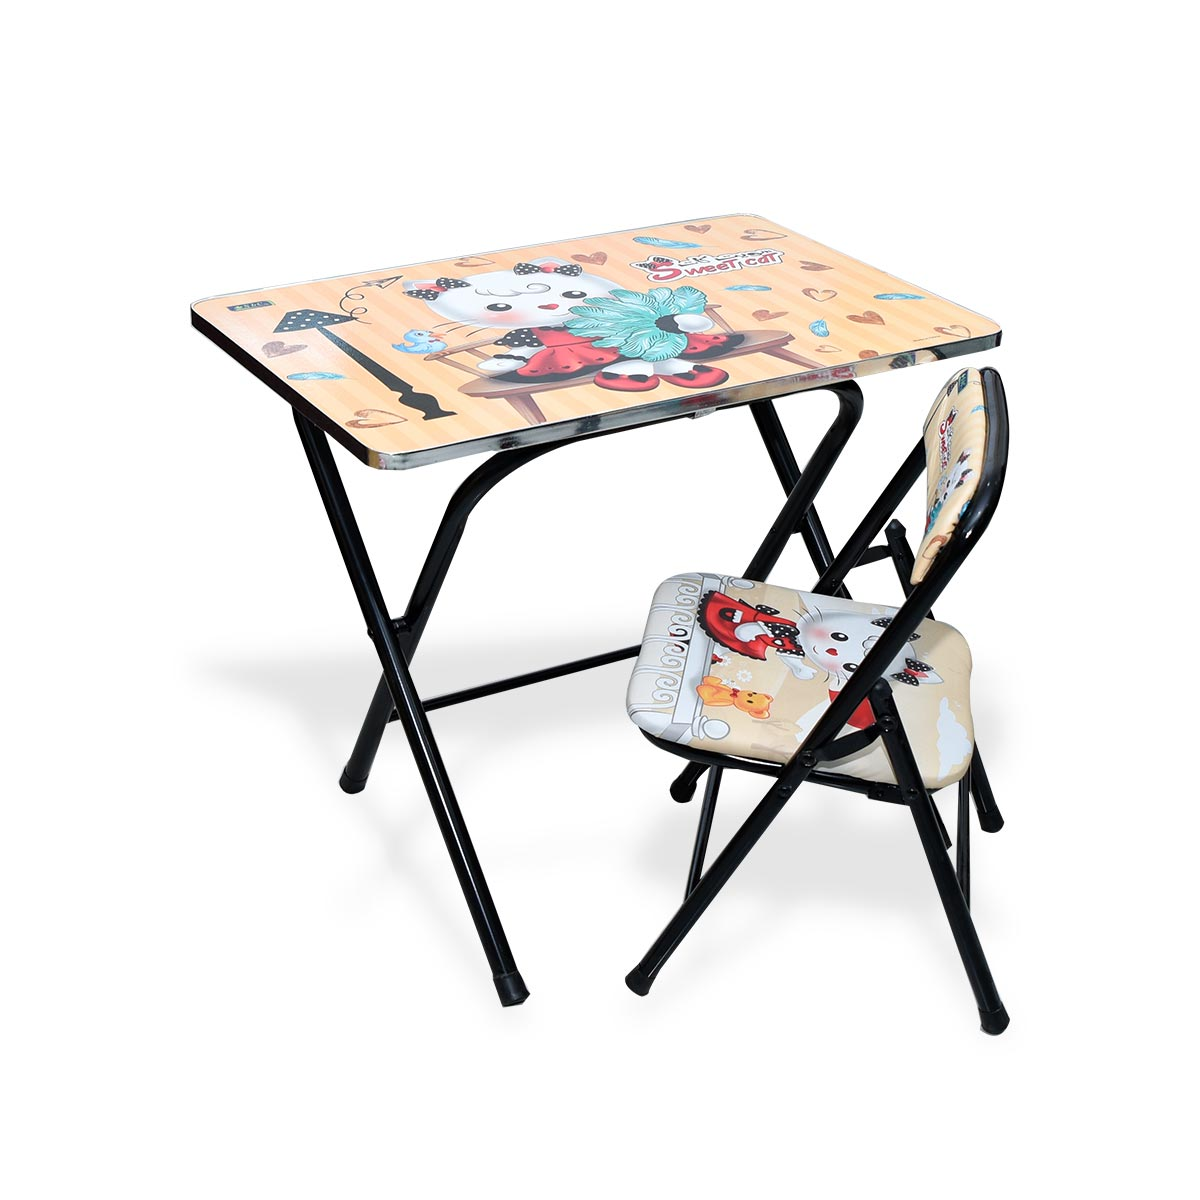 طاولة اطفال مدرسية  خشب بقواعد من الحديد + كرسي  4038-041